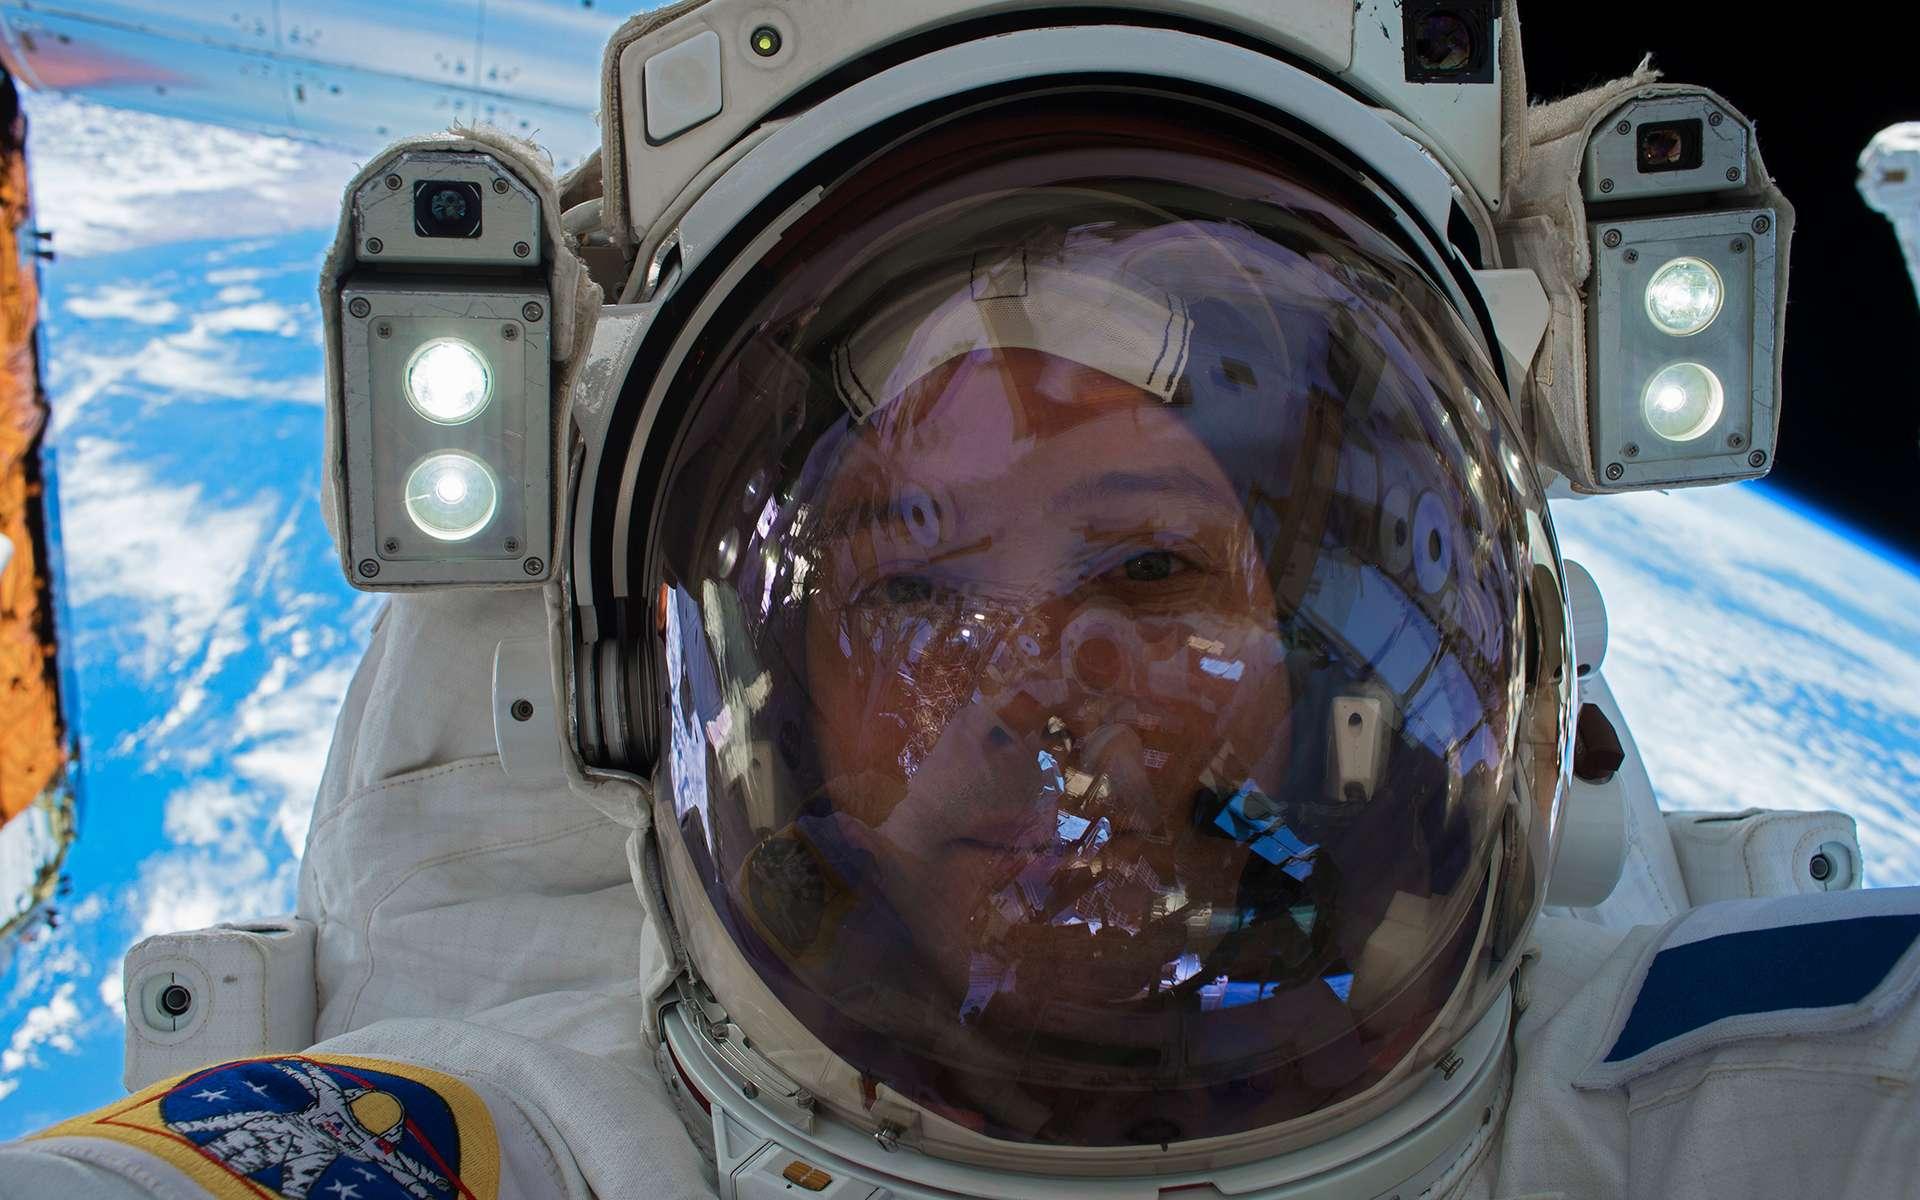 Thomas Pesquet retournera à bord de l'ISS en février 2021